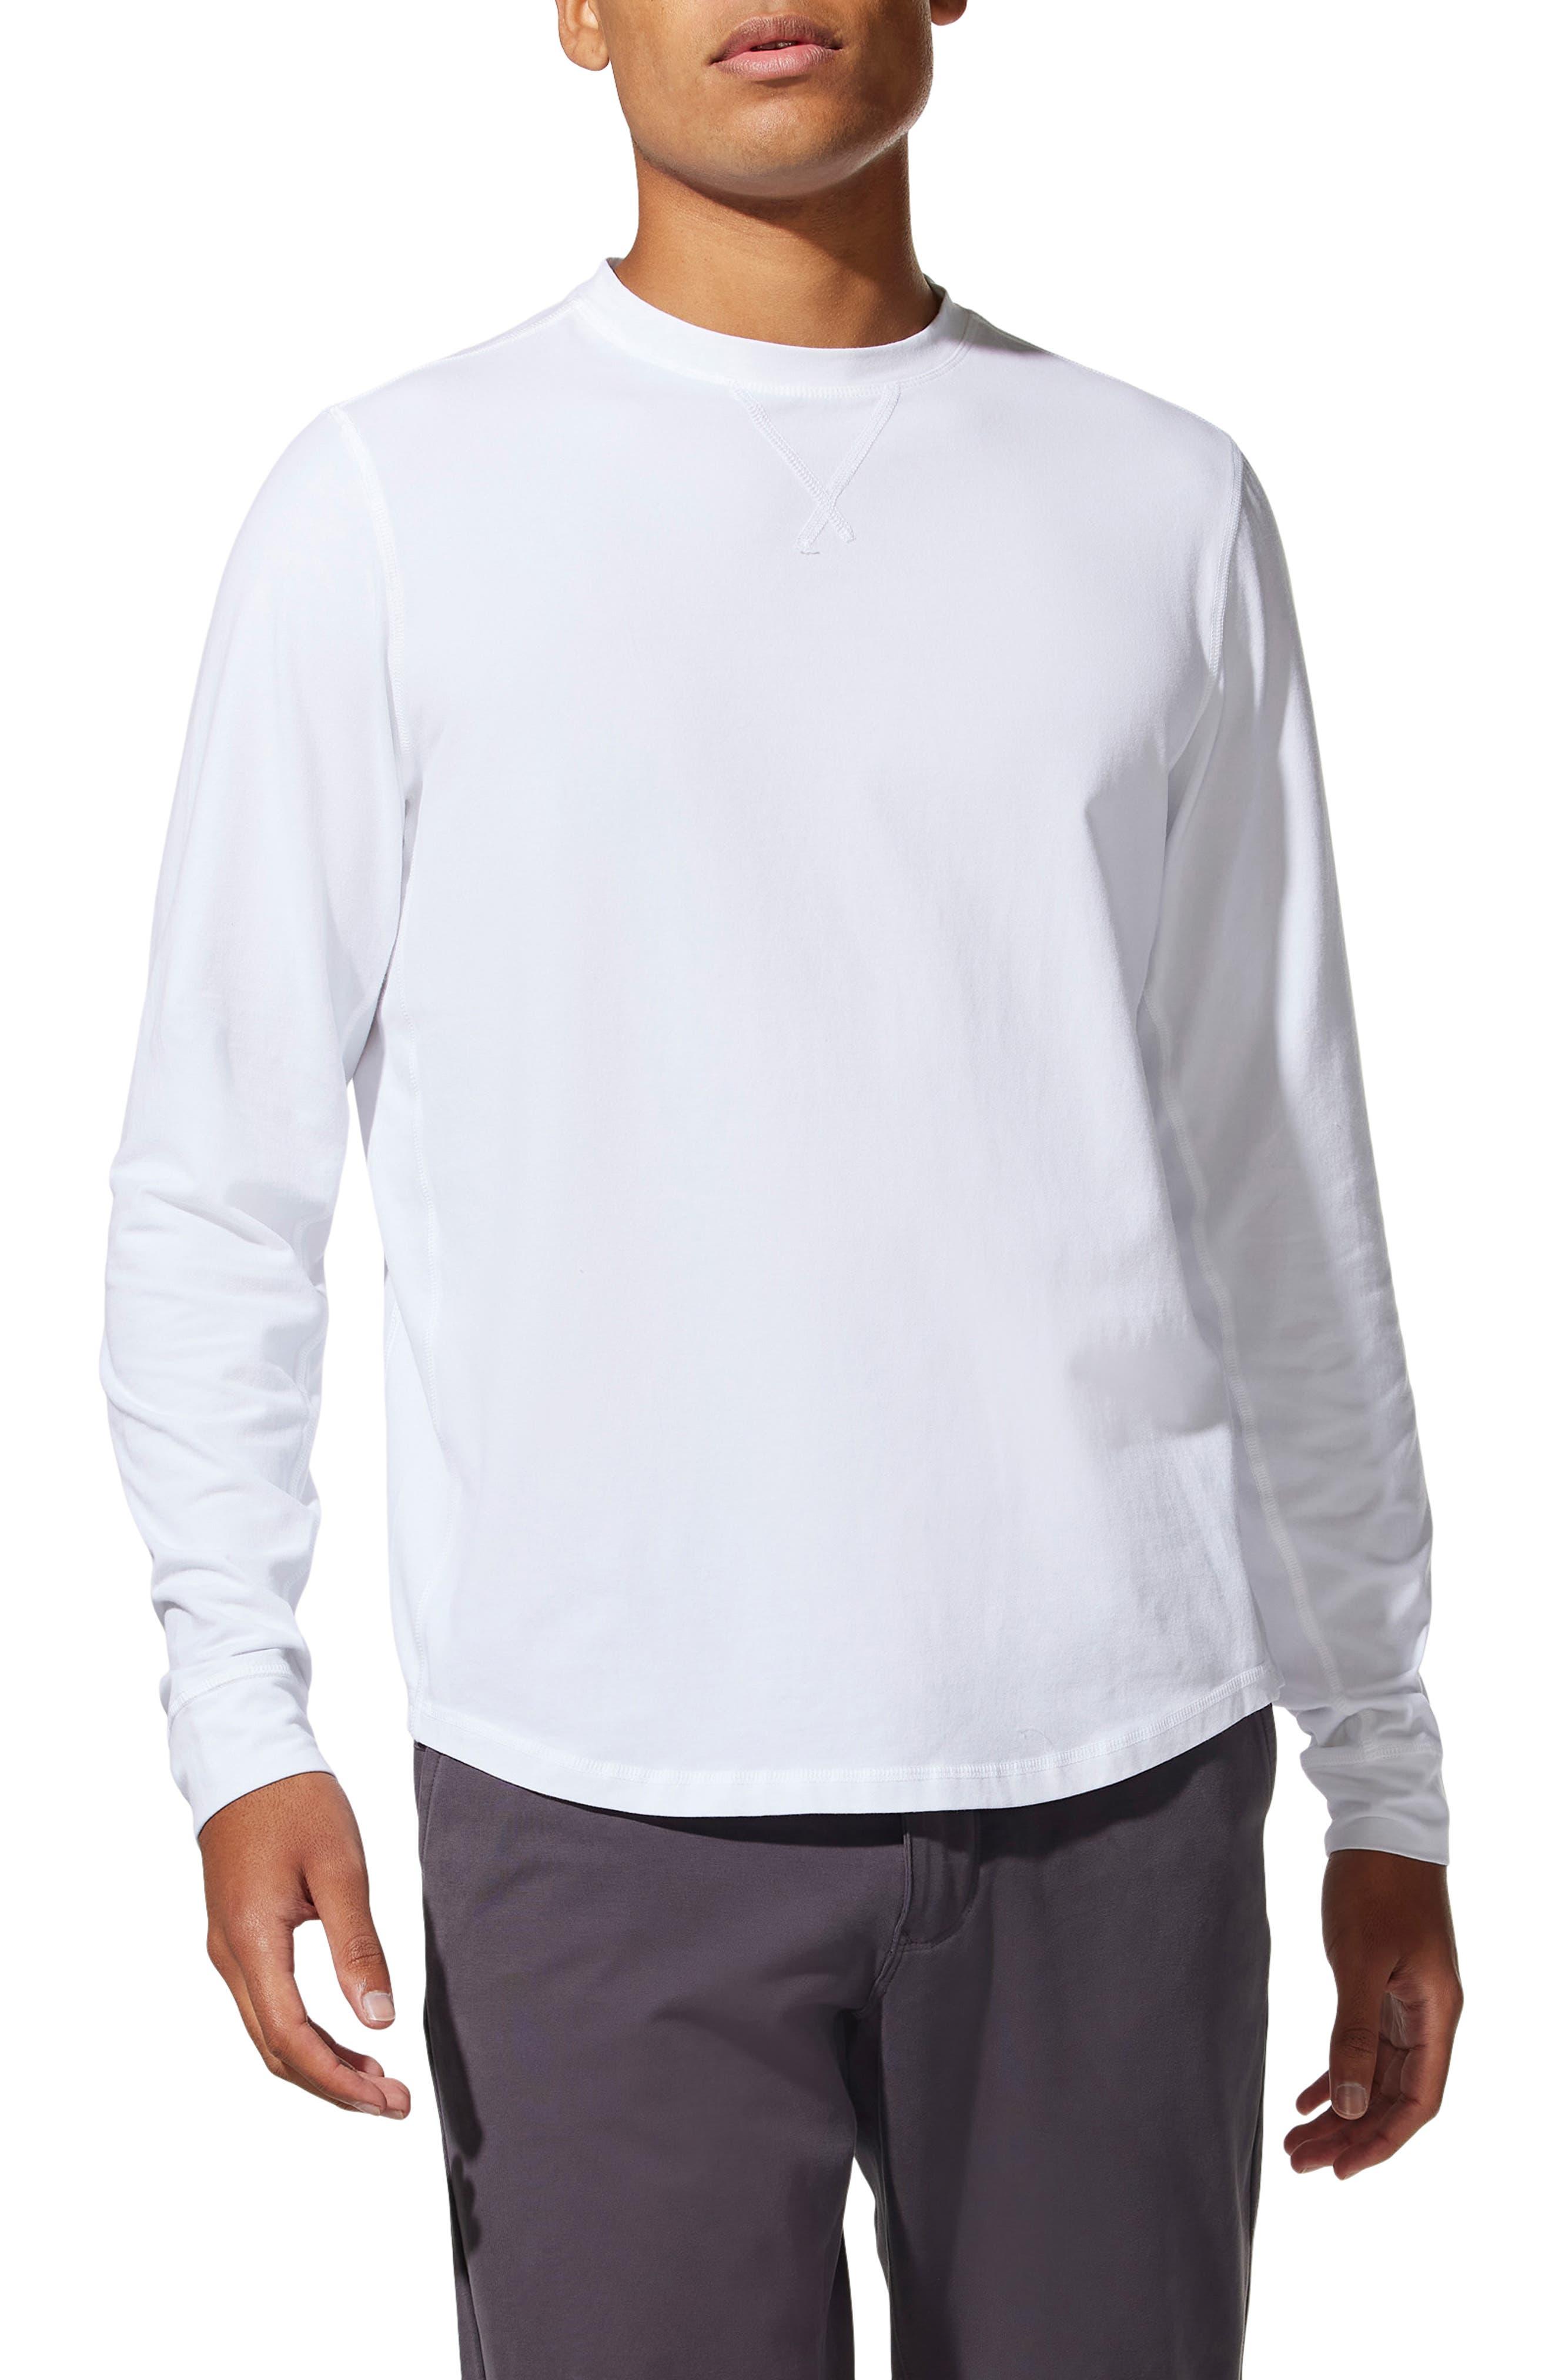 Legend Crew Star Flex T-Shirt